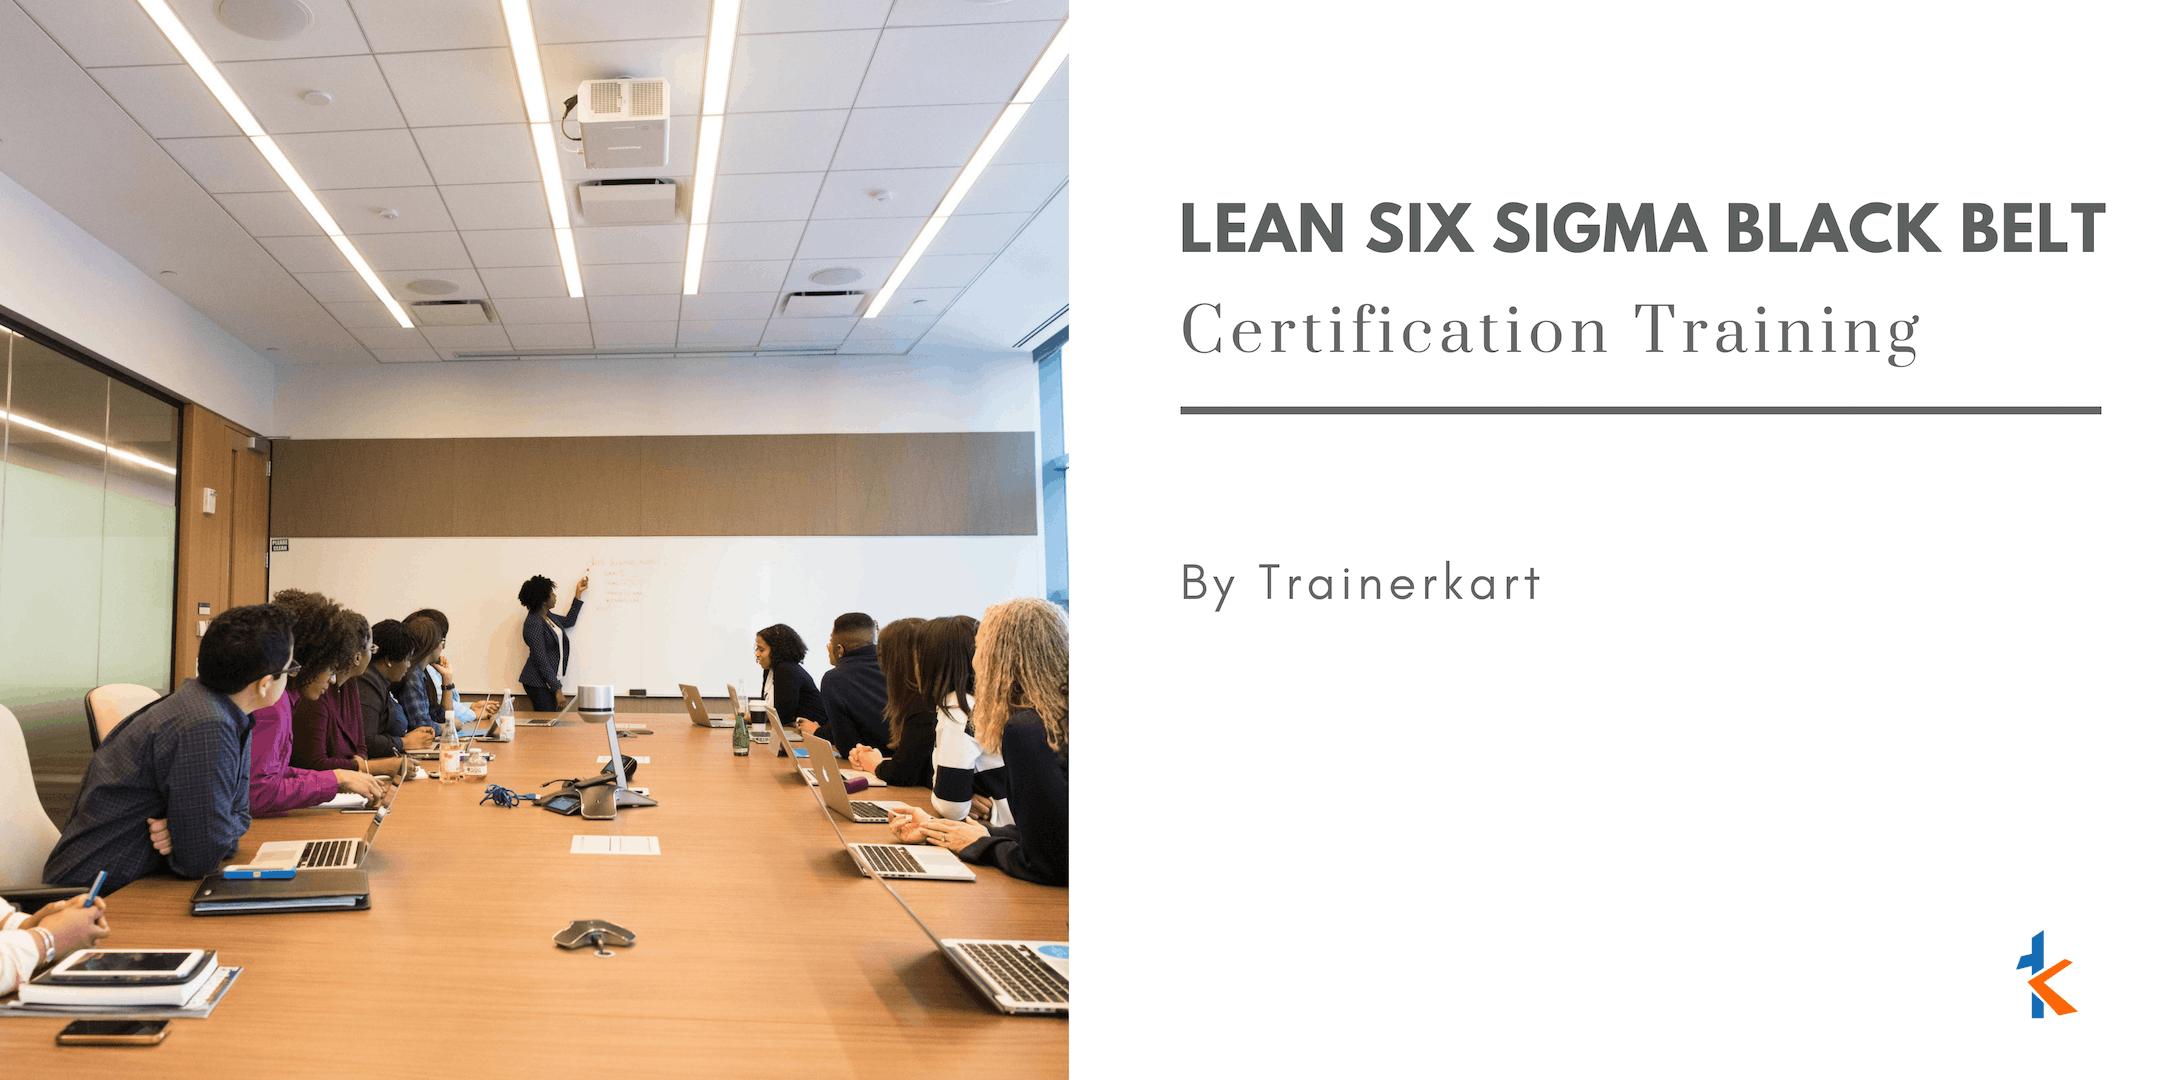 Lssbb Classroom Training In Miami Fl 26 Feb 2019